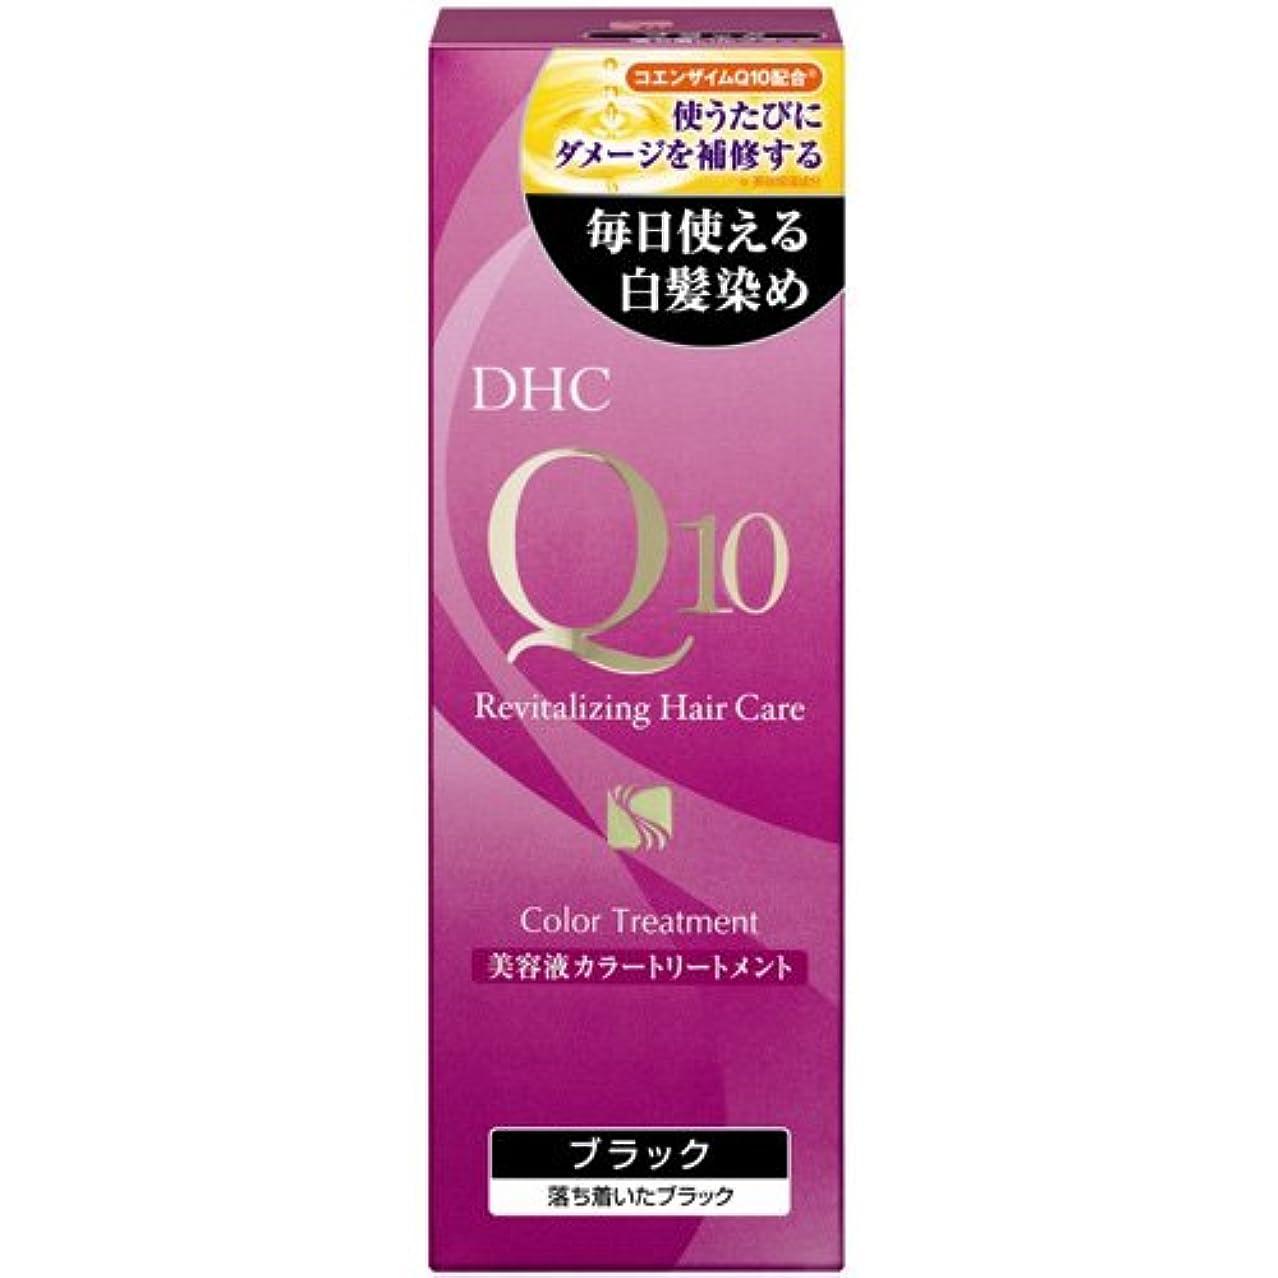 こっそり主張定数DHC Q10美溶液カラートリートメントブラックSS170g